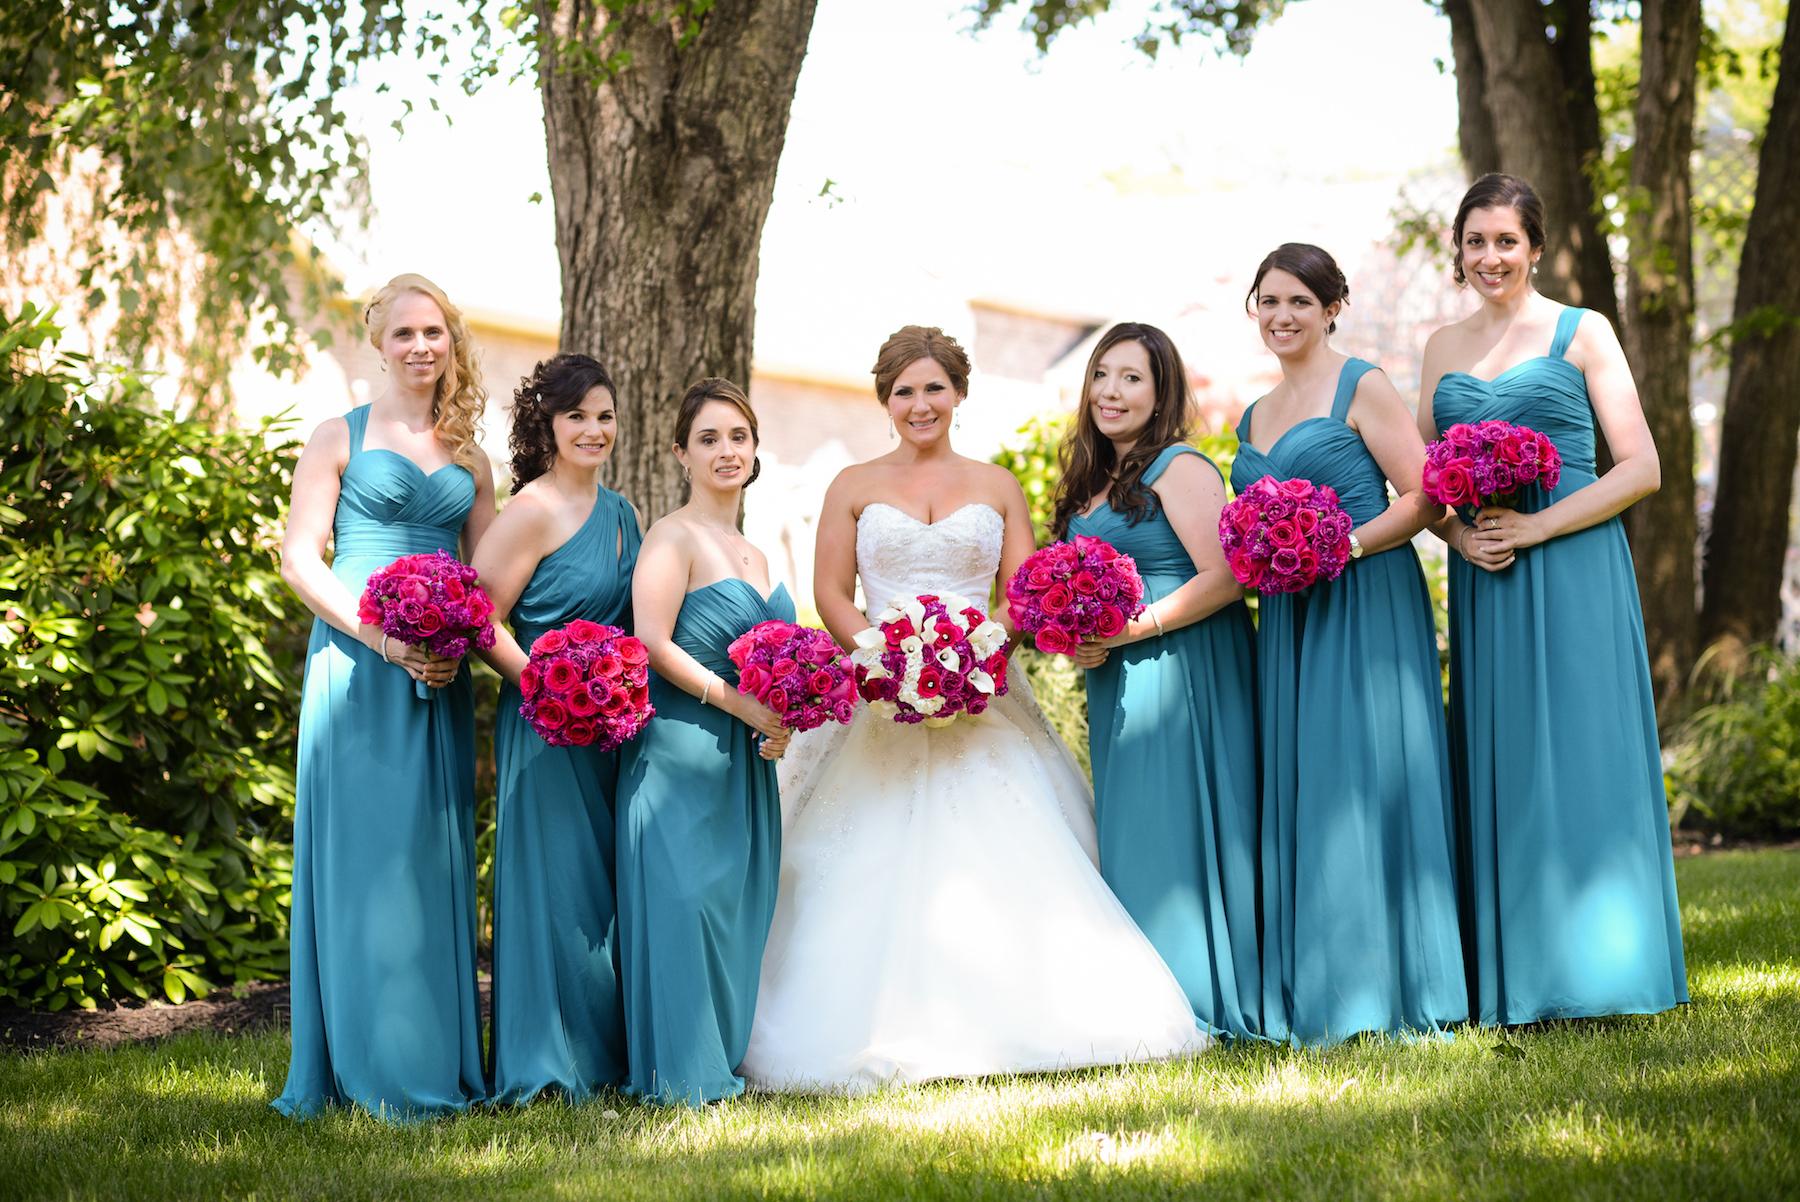 rockleigh-country-club-wedding-veroluce-photos-20